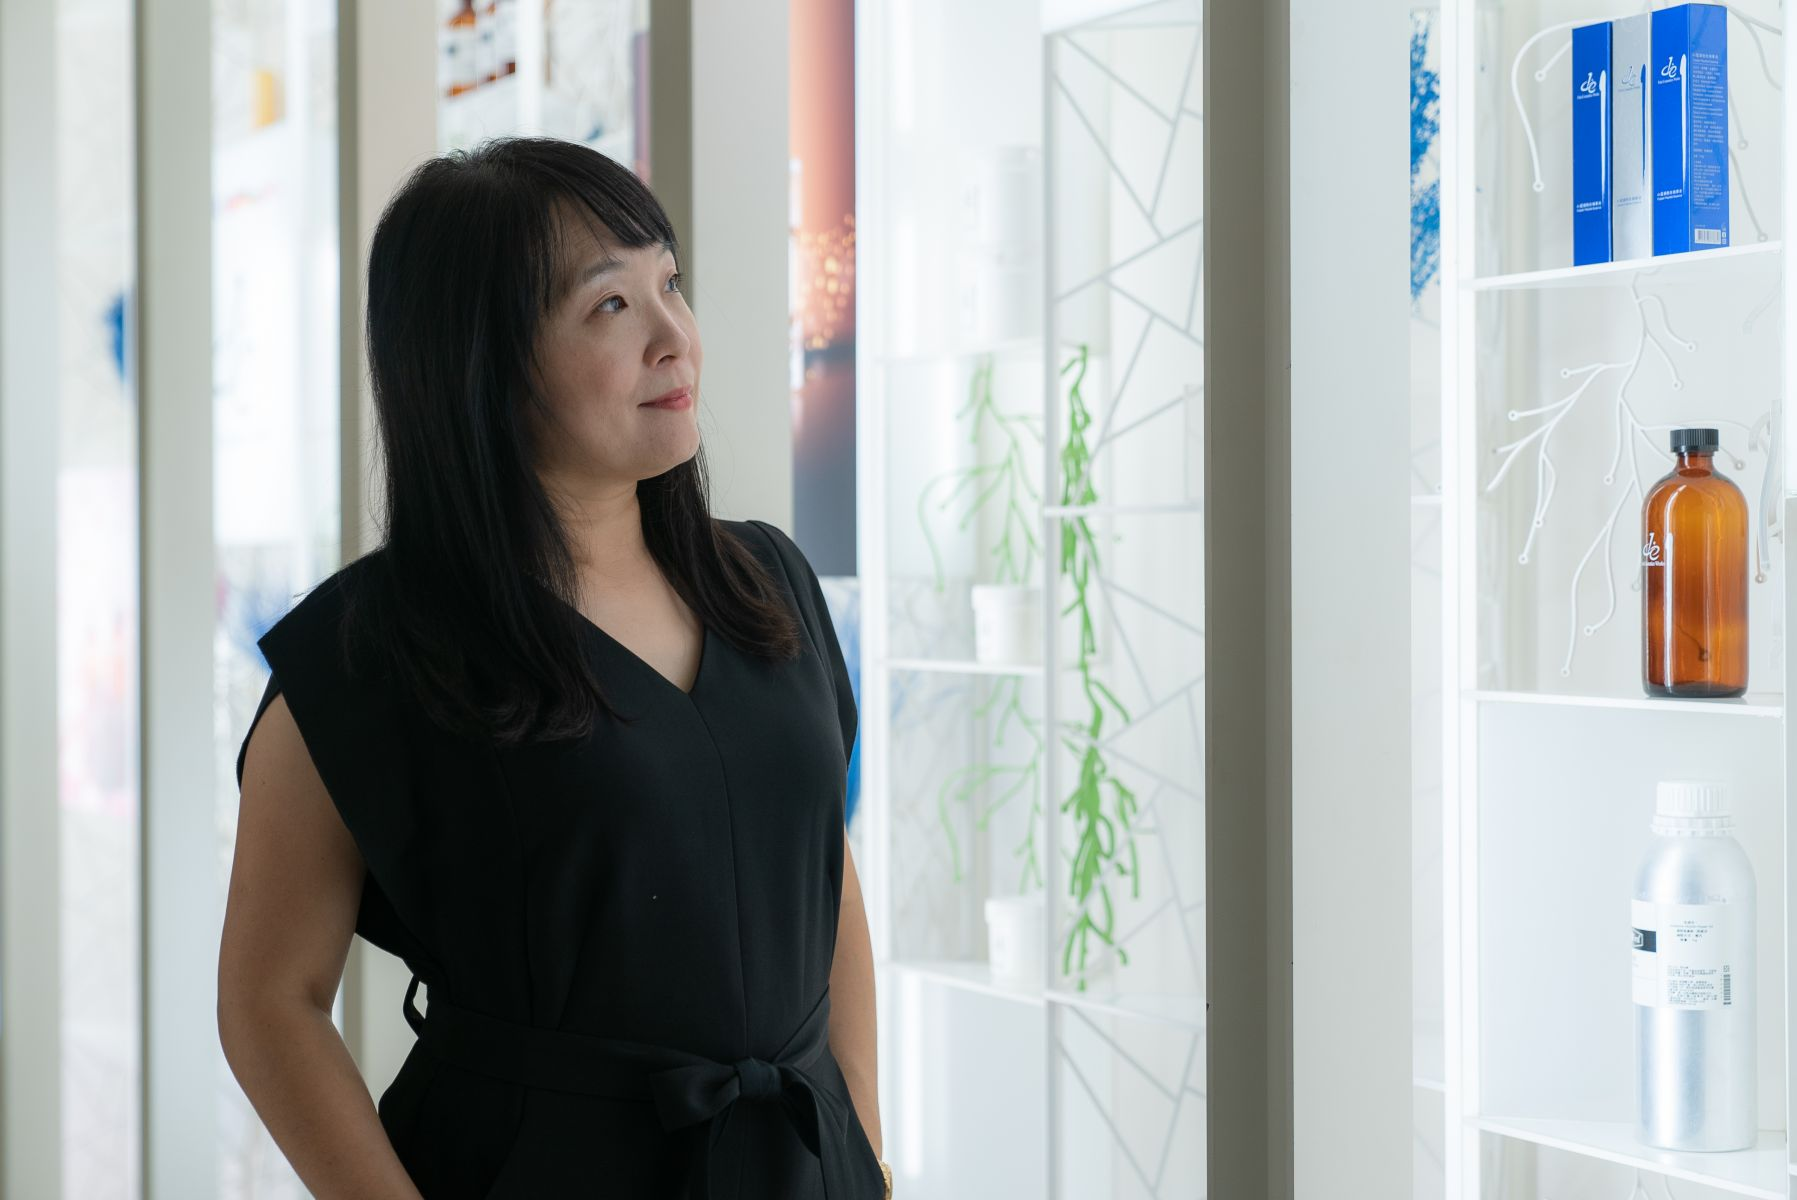 第一化粧品副總經理黃國芬,積極推廣生活用品及保養品DIY,成功地幫第一化工擴展客群。